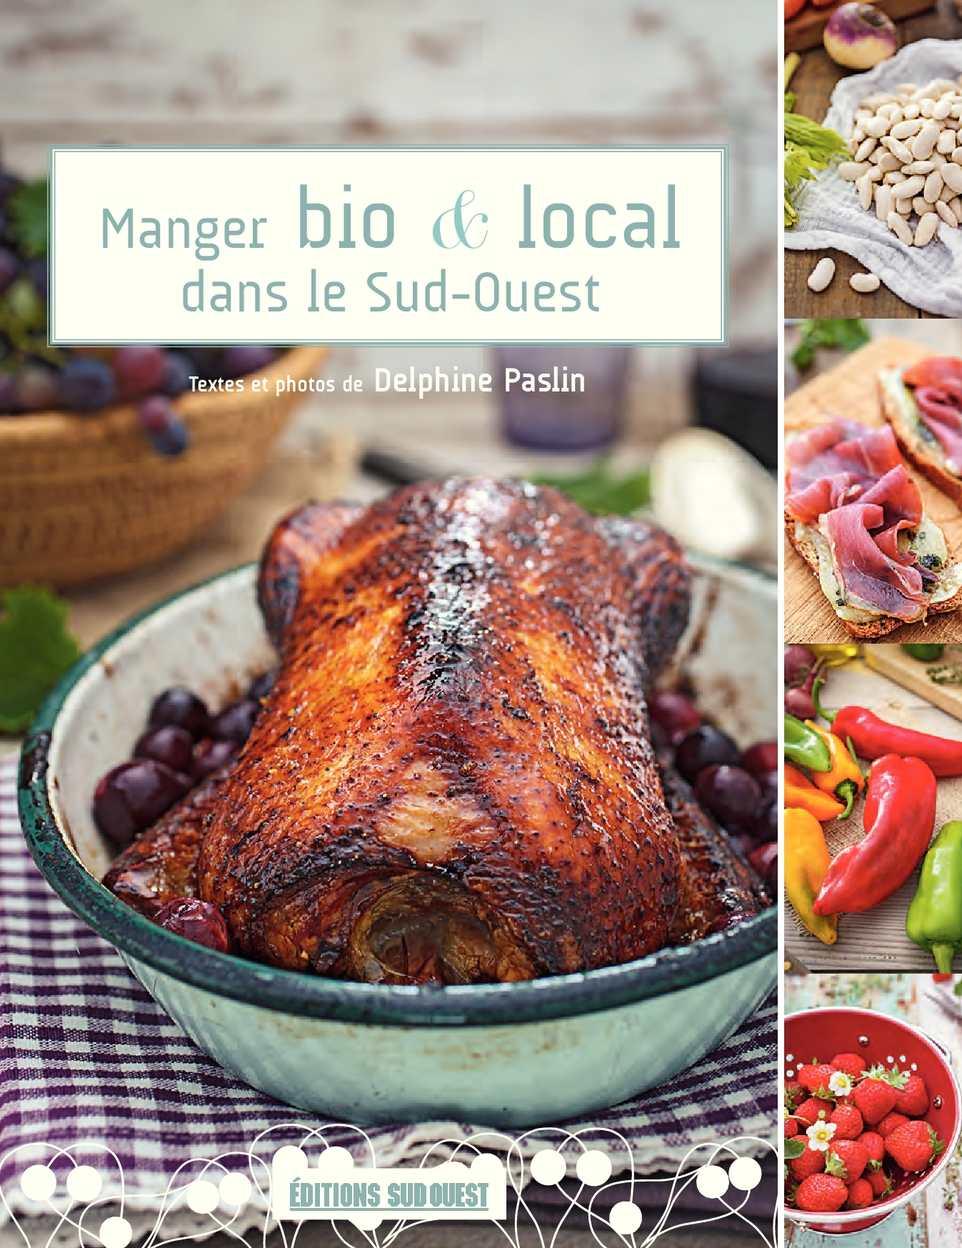 Manger bio & local dans le Sud-Ouest